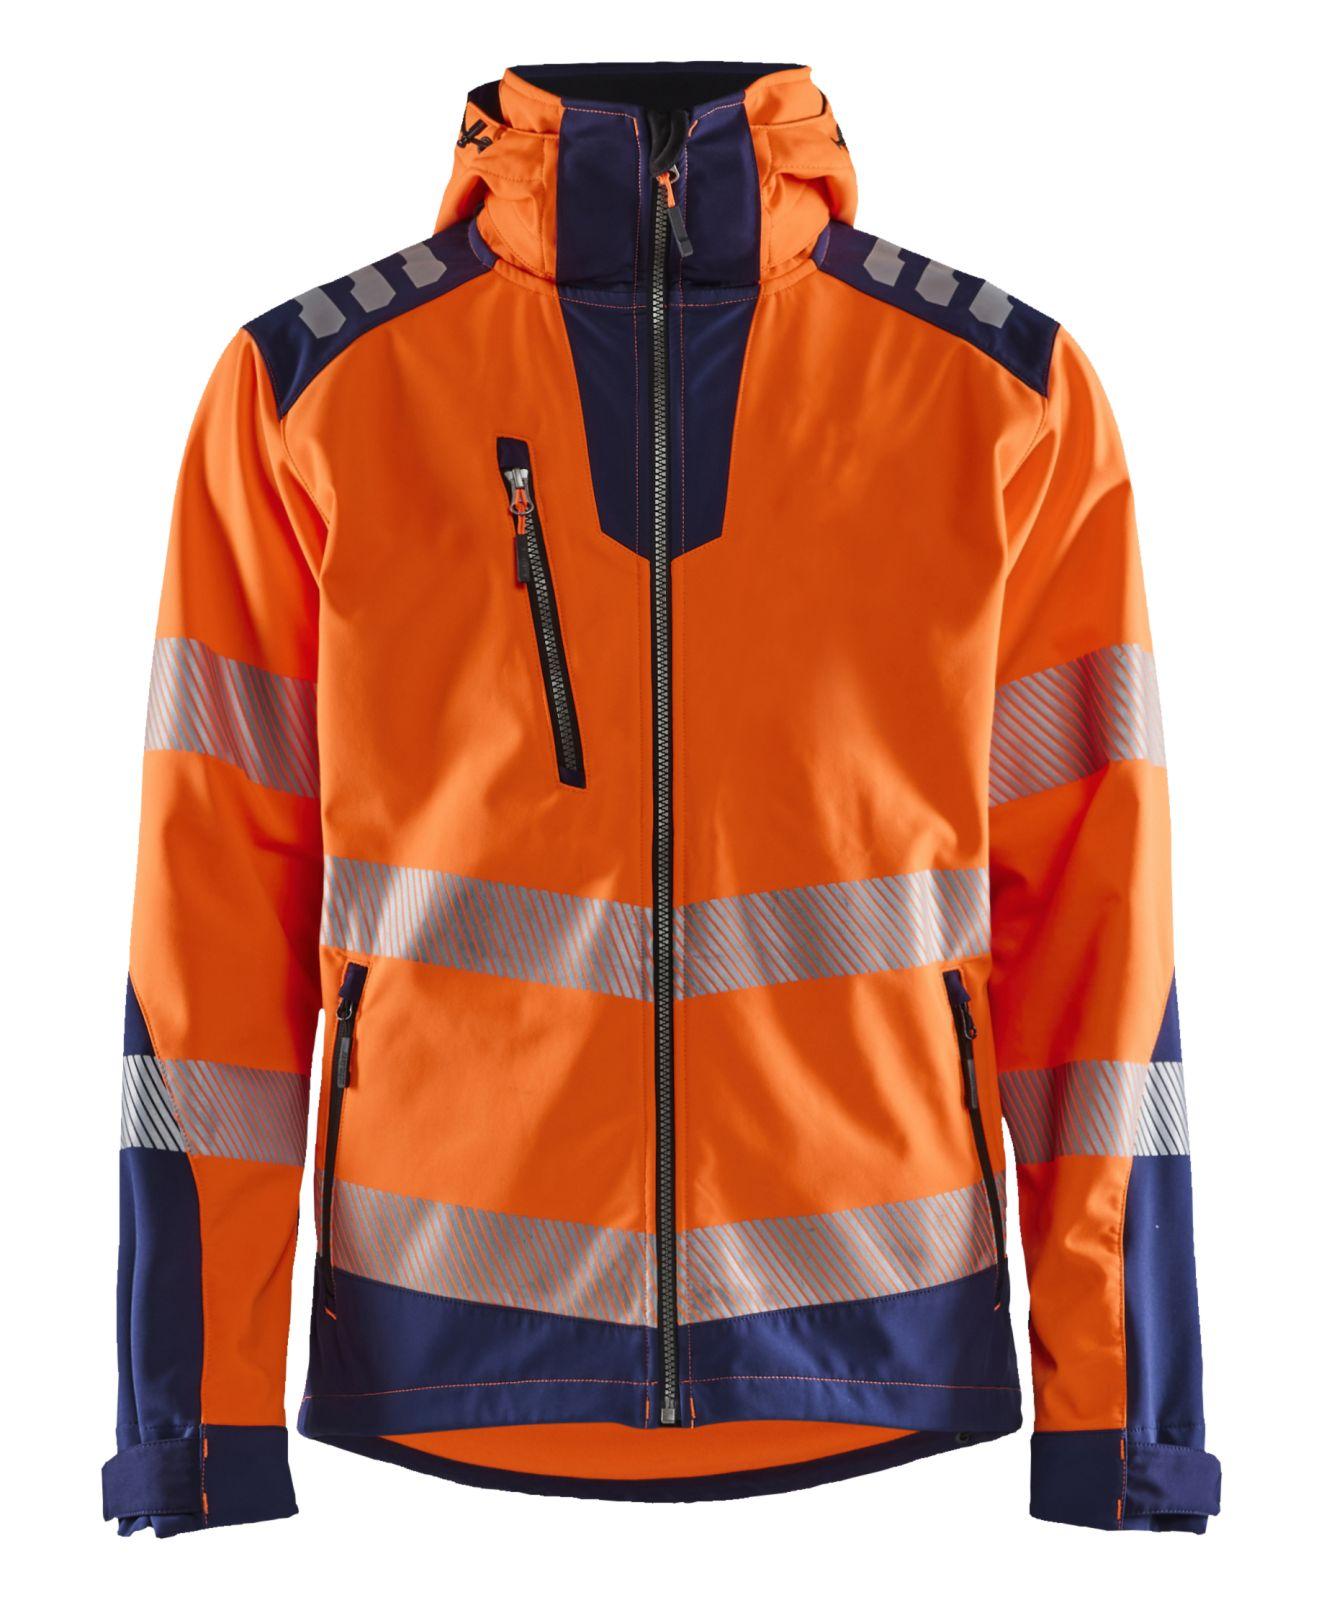 Blaklader Softshell jacks 44912513 High Vis Waterdicht fluo oranje-marineblauw(5389)